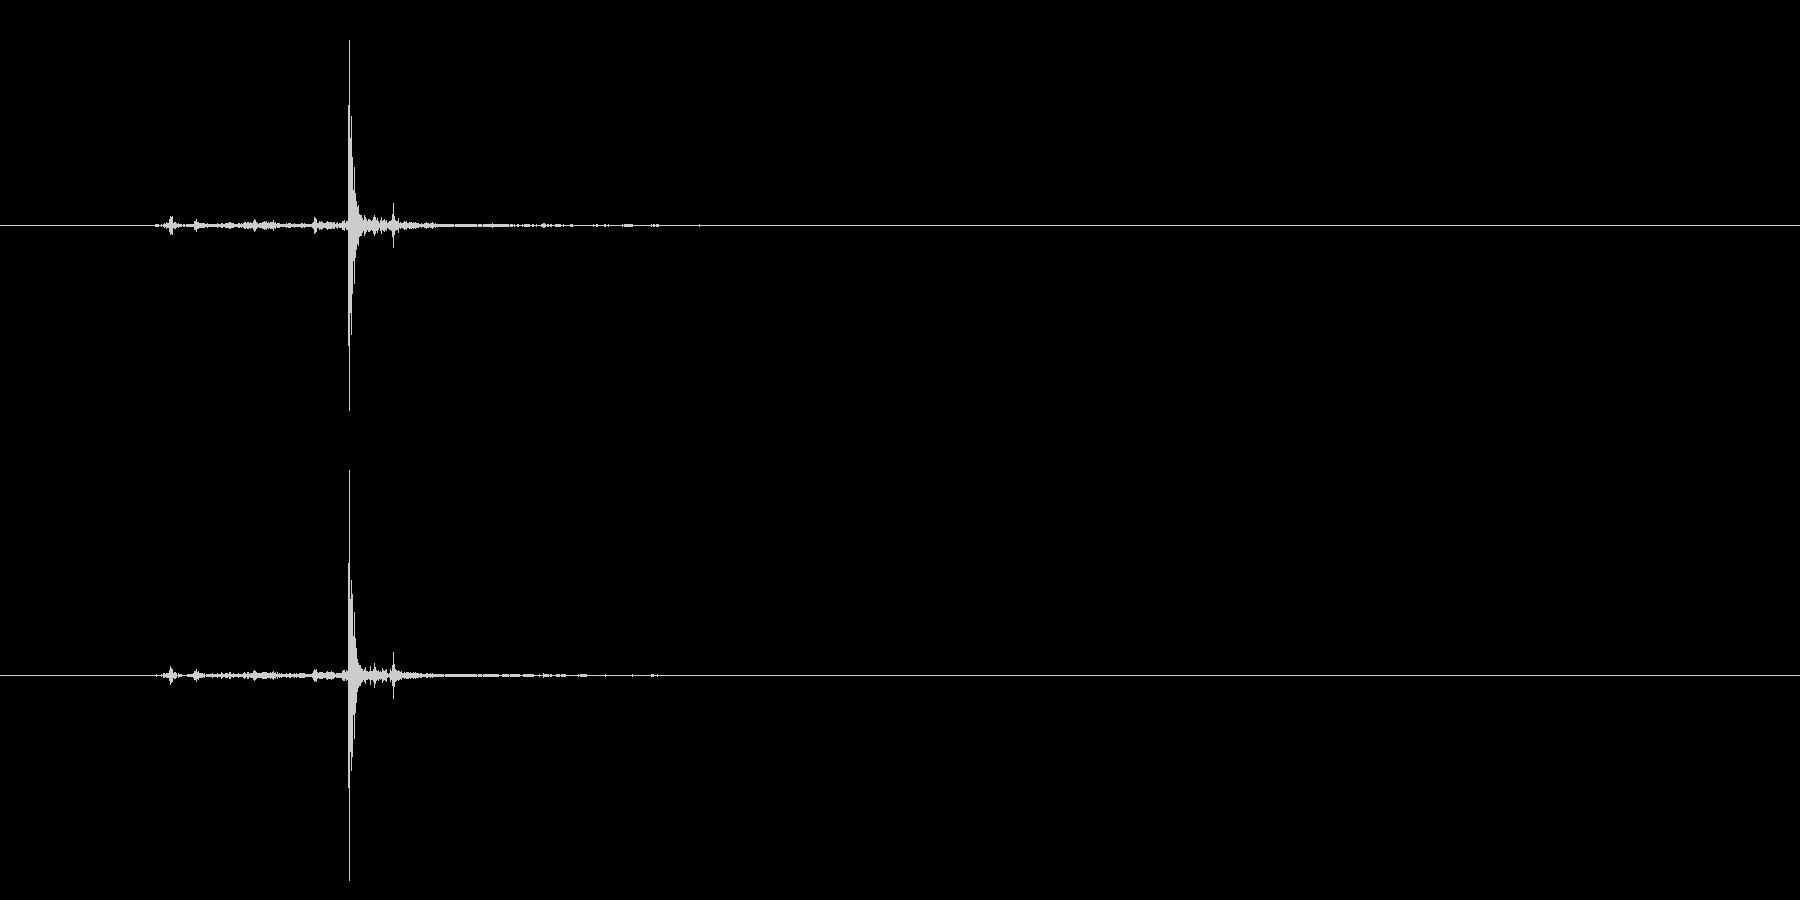 カチャ、スチャ系のUI、構える系の音にもの未再生の波形